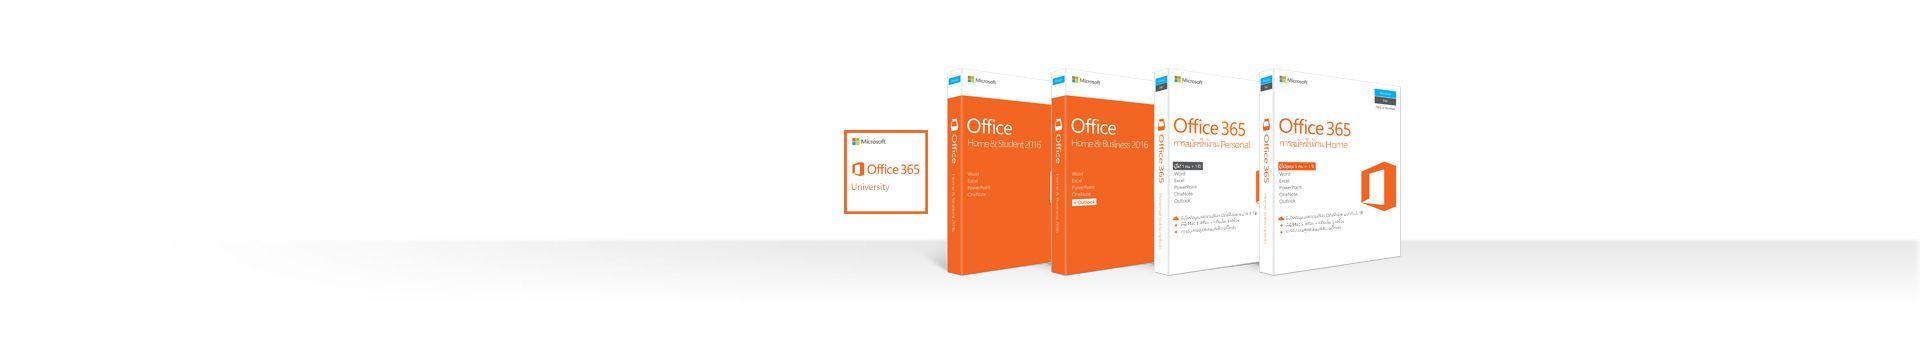 แถวของกล่องกำลังแสดงการสมัครการใช้งาน Office และผลิตภัณฑ์แบบสแตนด์อโลนสำหรับ Mac